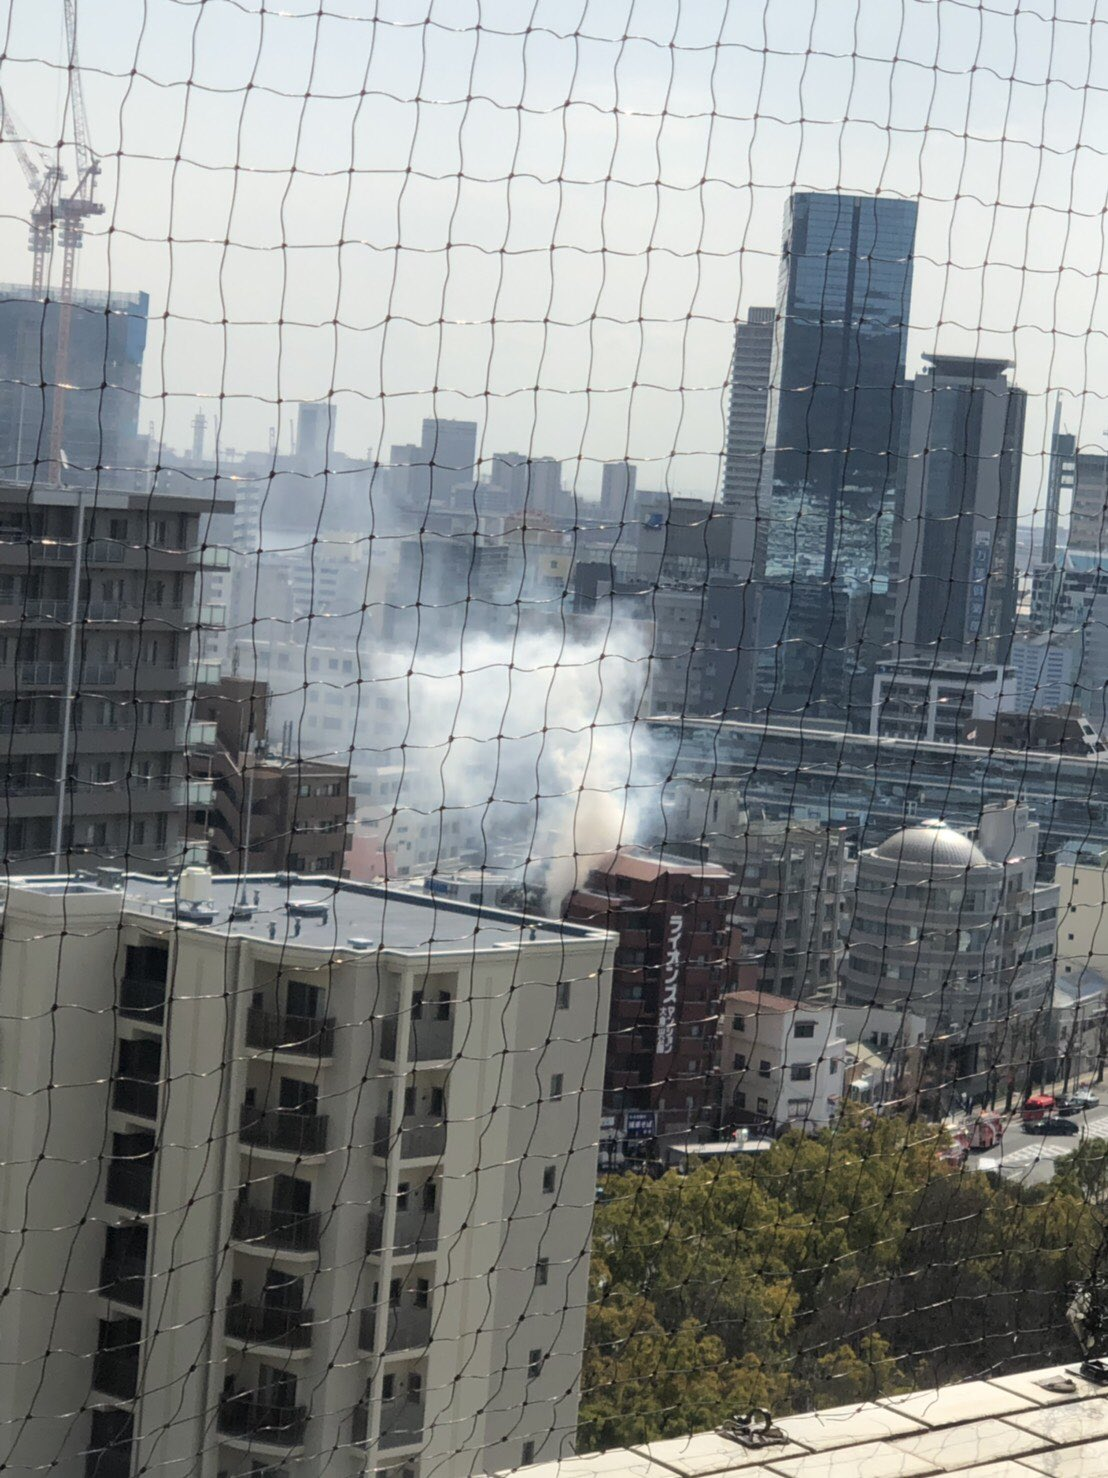 画像,病院近くで火事!! https://t.co/kOf7cNJ7f1。